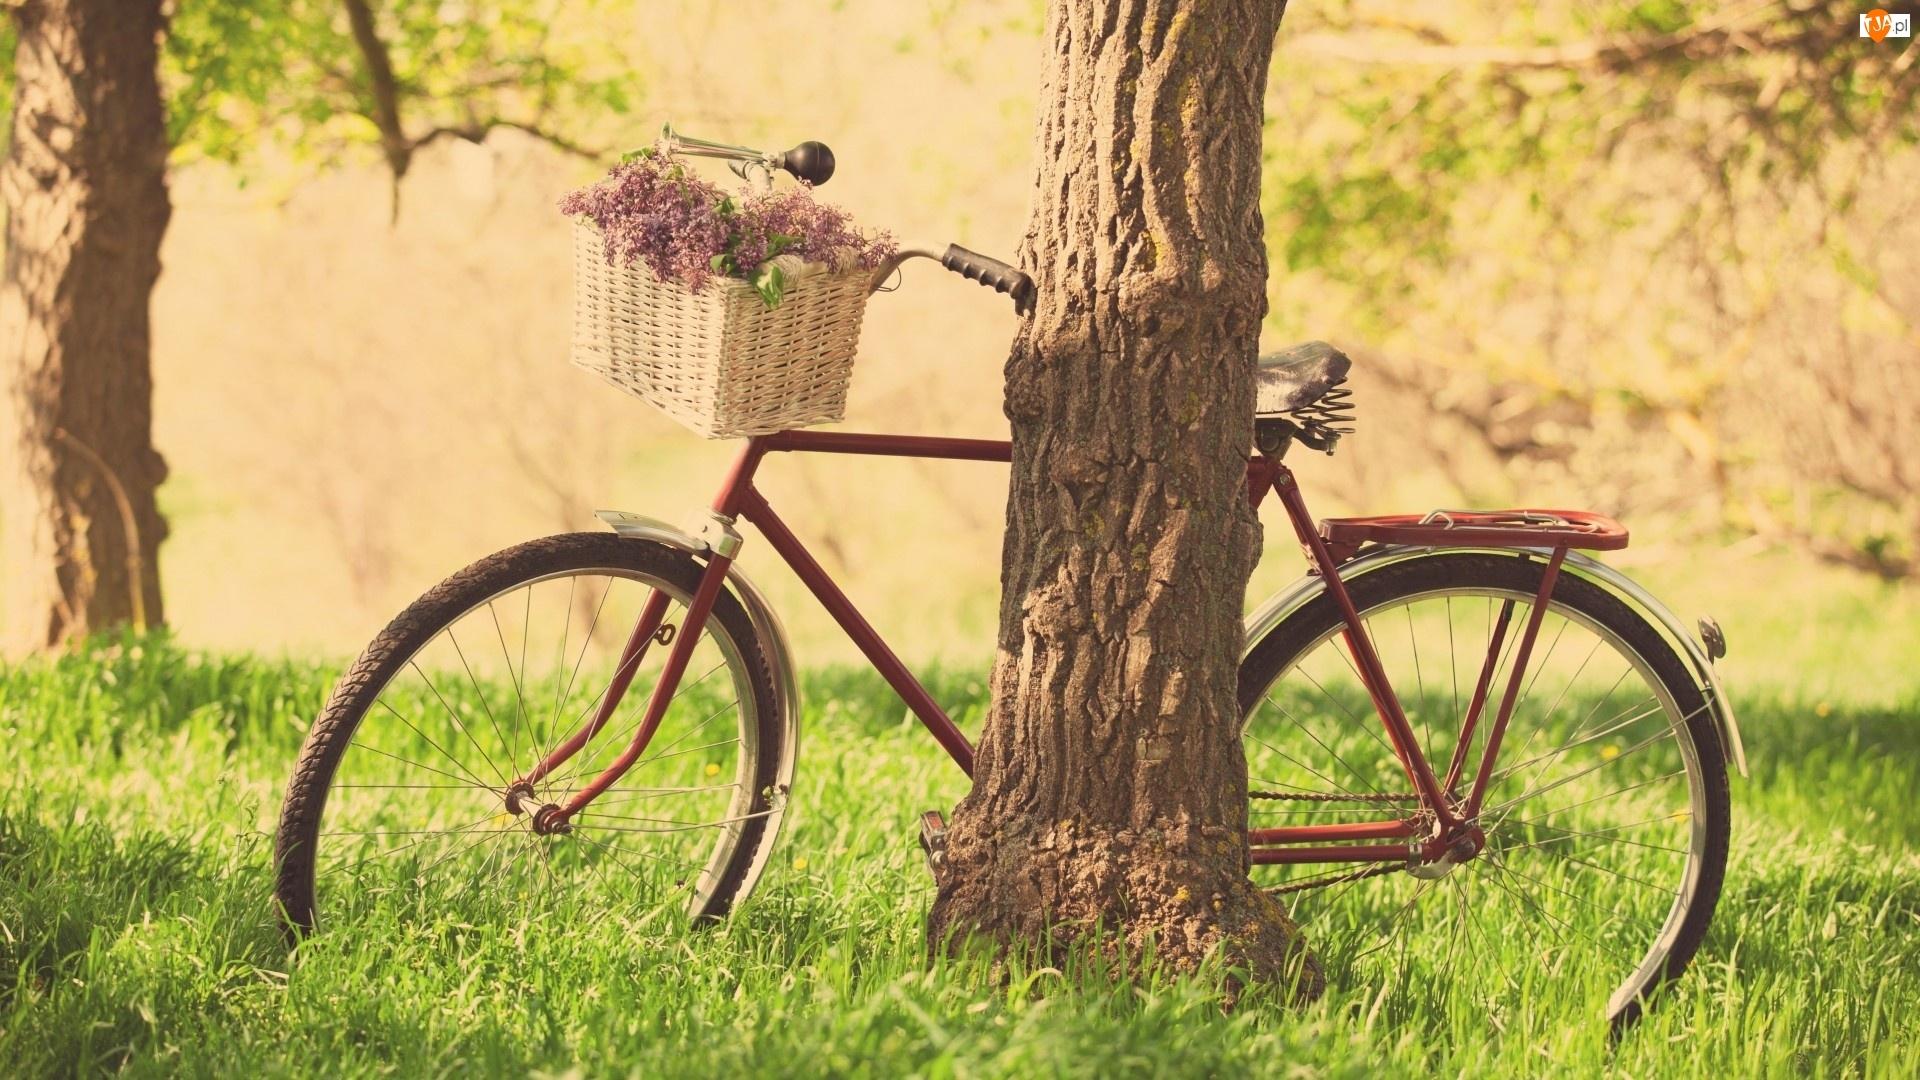 Kwiaty, Rower, Trawa, Drzewo, Kosz